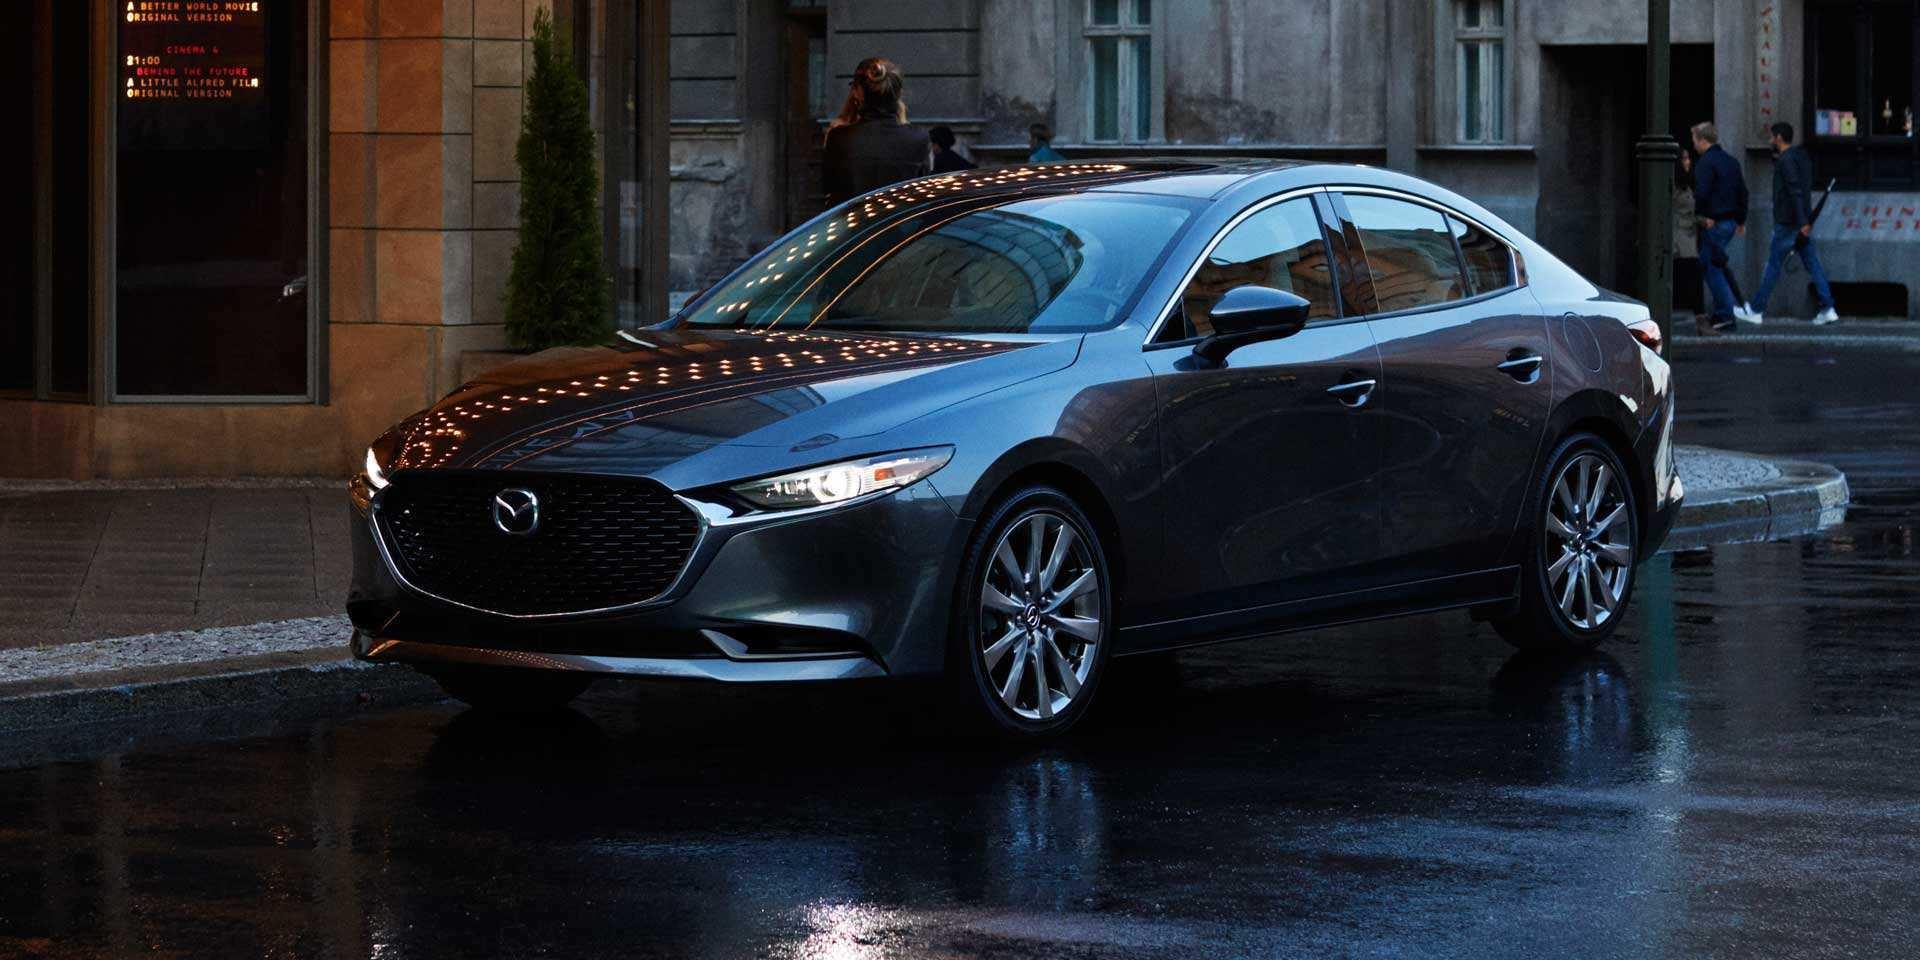 55 Great Xe Mazda 3 2020 History for Xe Mazda 3 2020